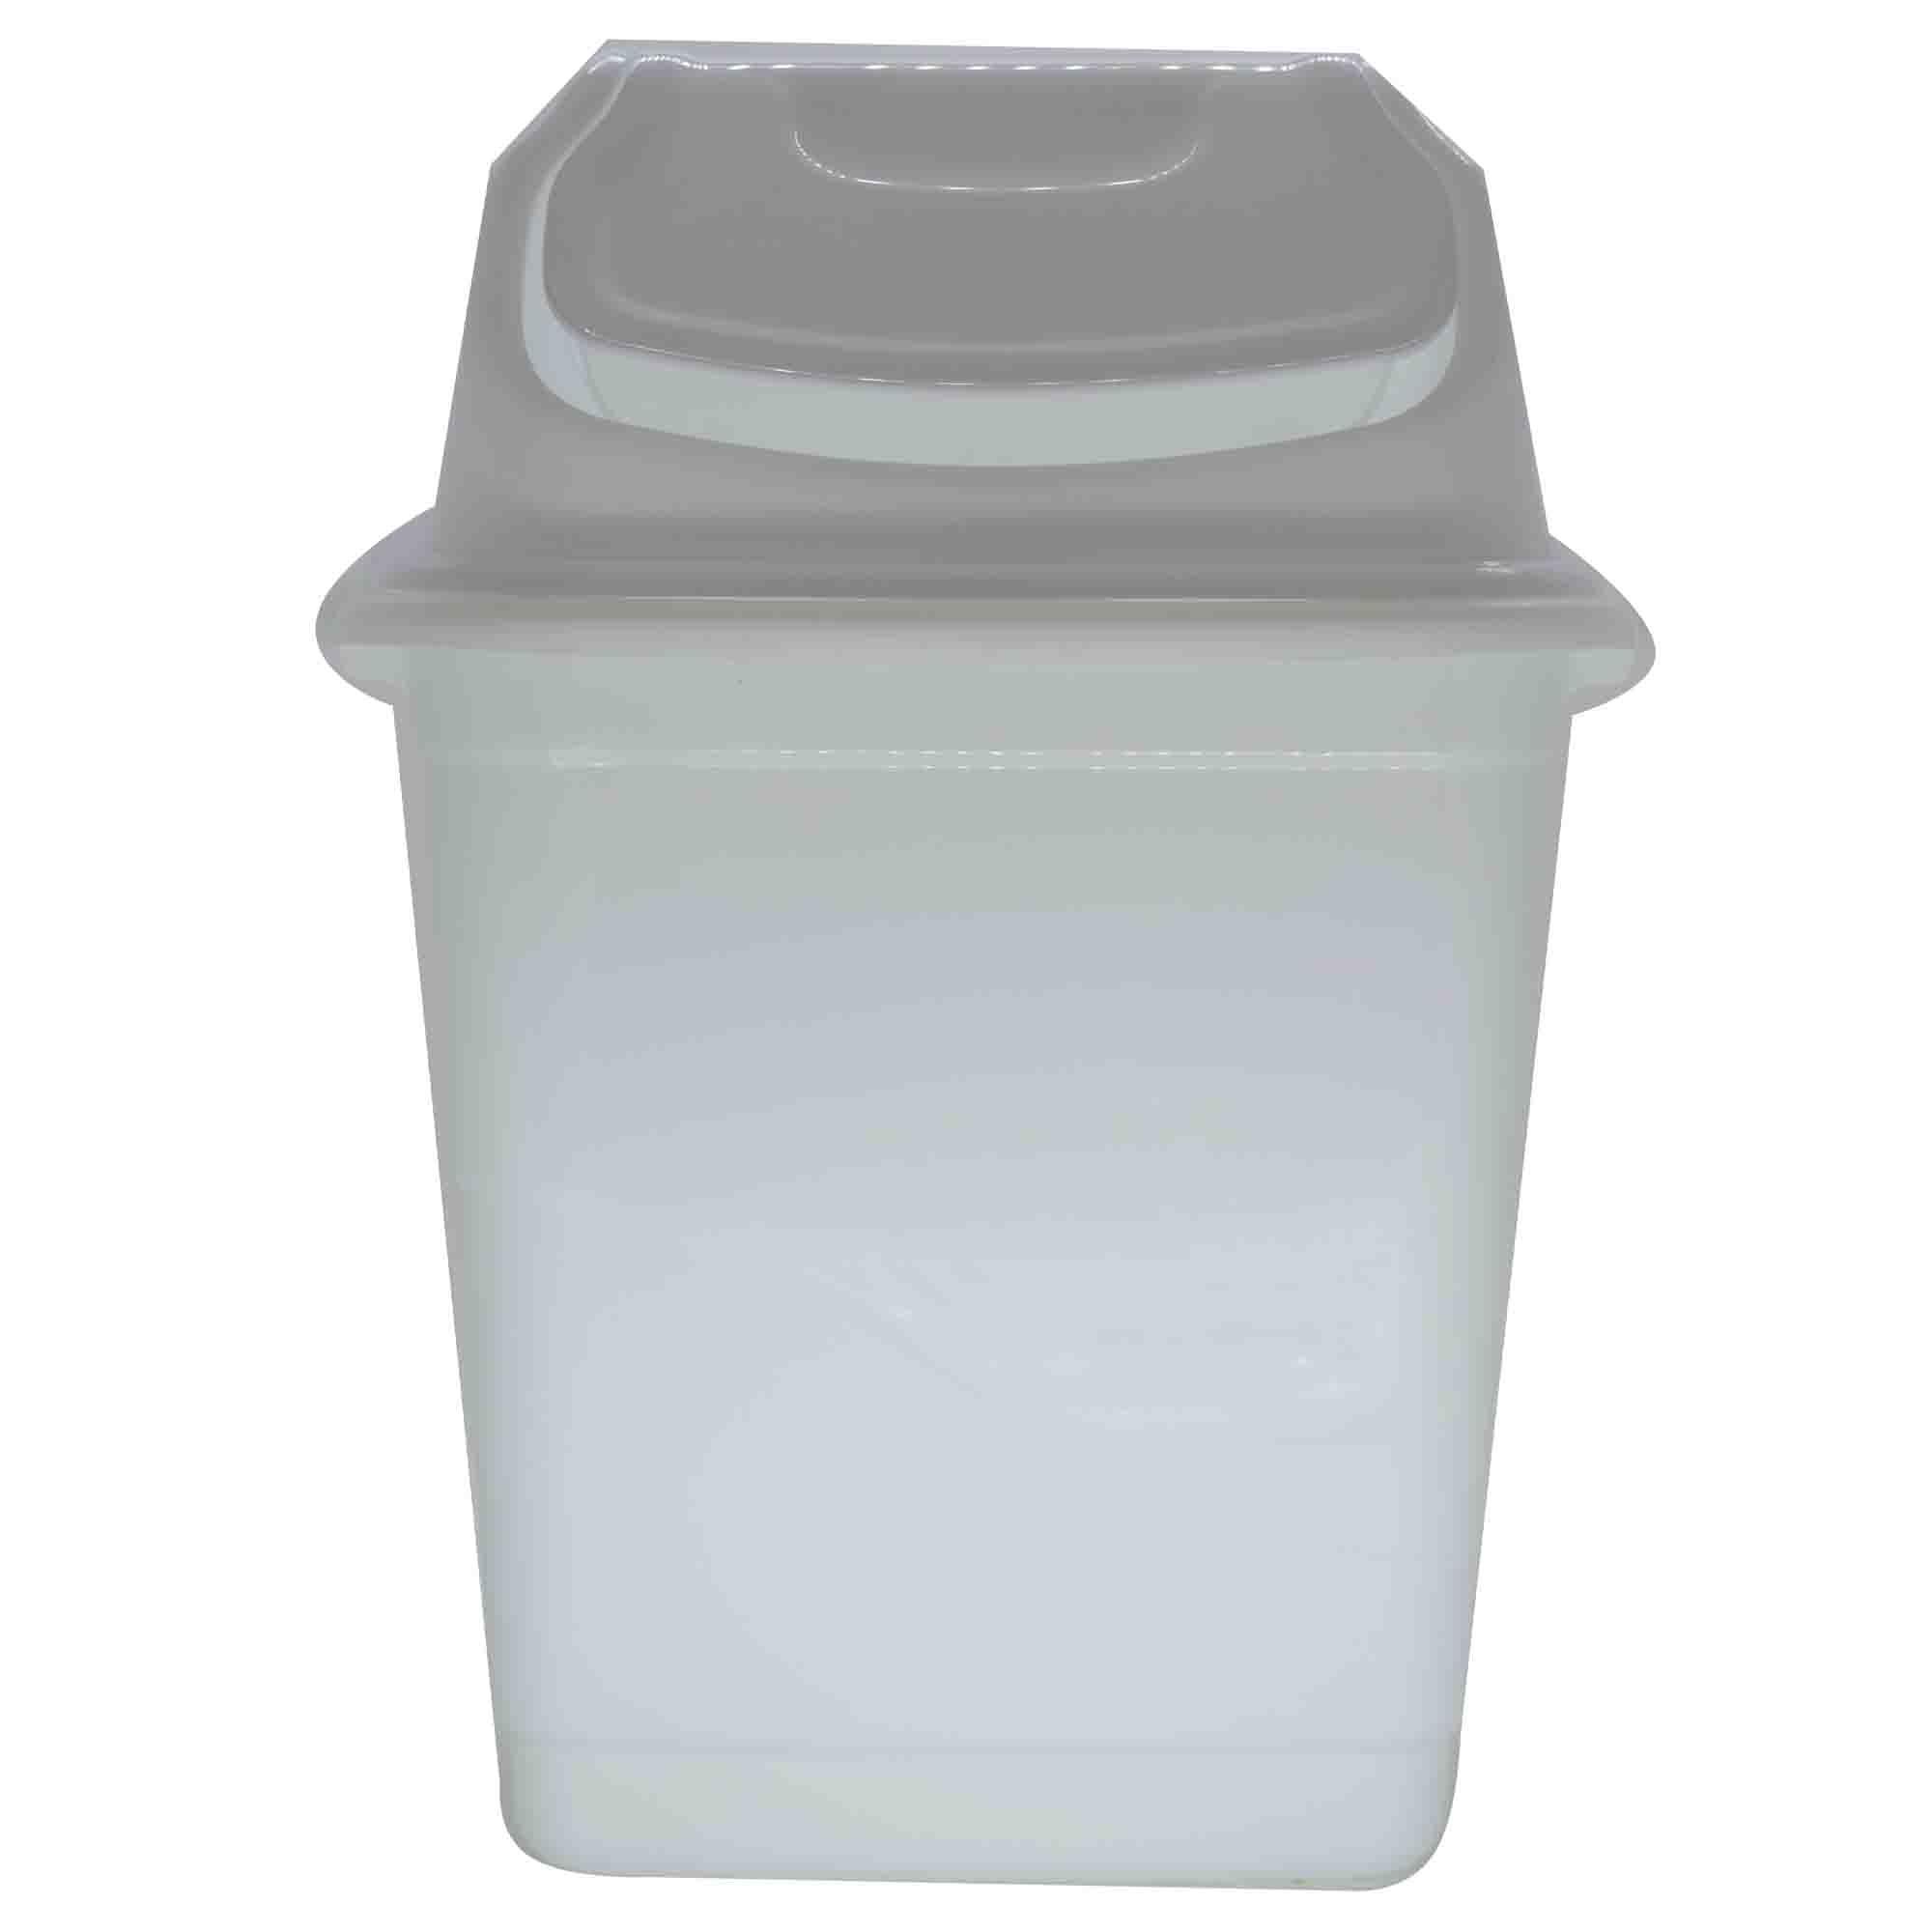 Lixeira Basculante 10l - Giplas Branca